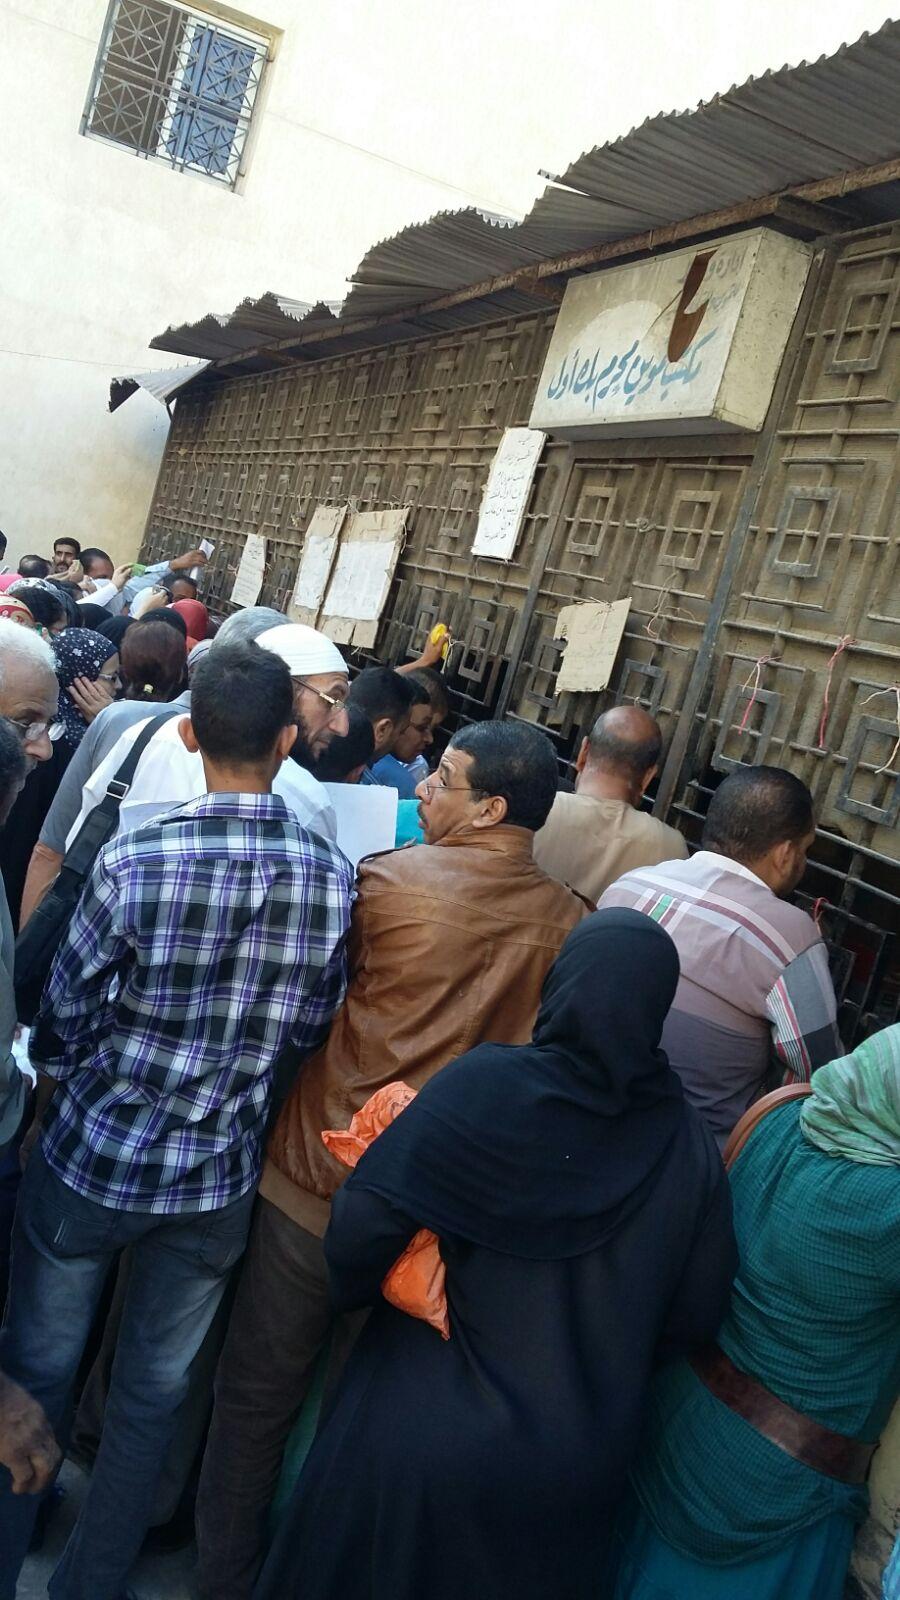 مواطنون لوزير التموين عن زحام مكتب تموين محرم بك: «مكان غير آدمي»